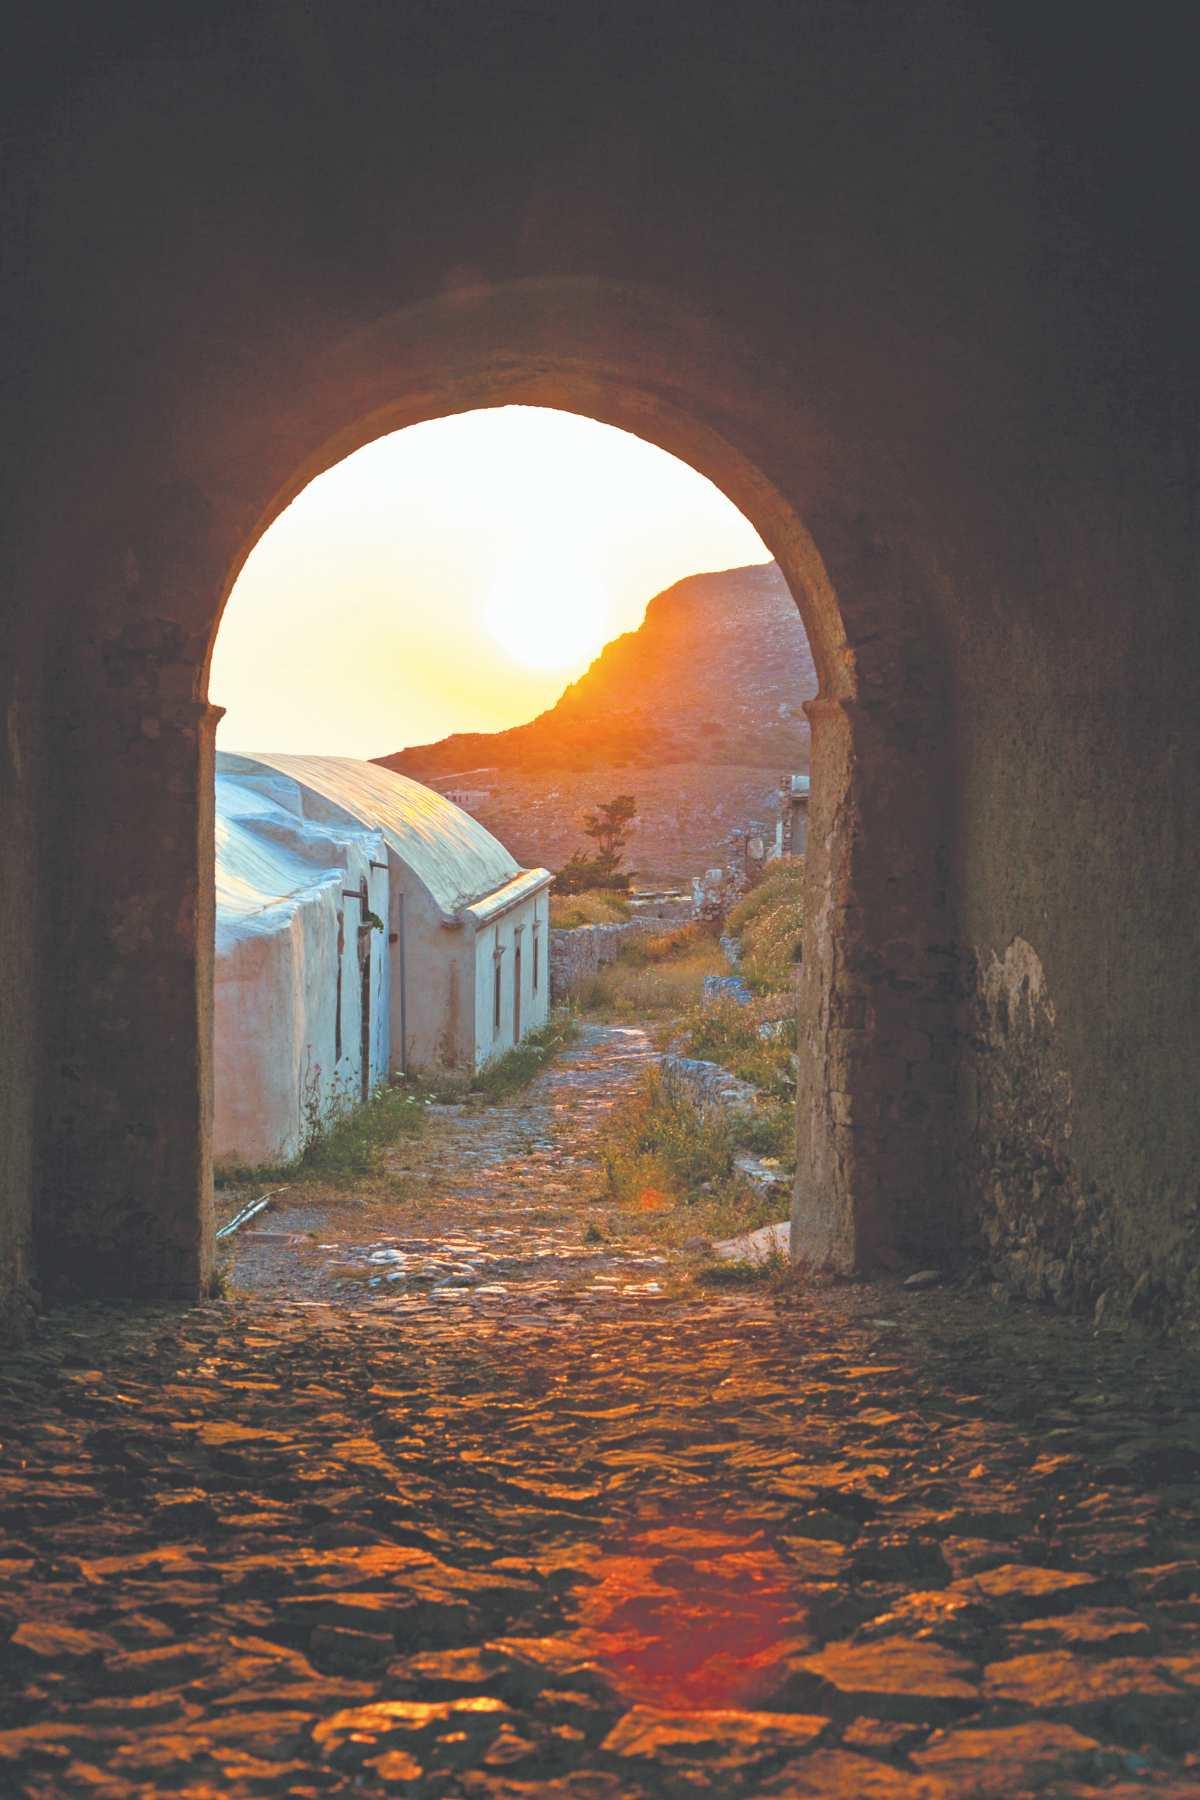 Μαγικά Κύθηρα... Στη Χώρα κατά το ηλιοβασίλεμα